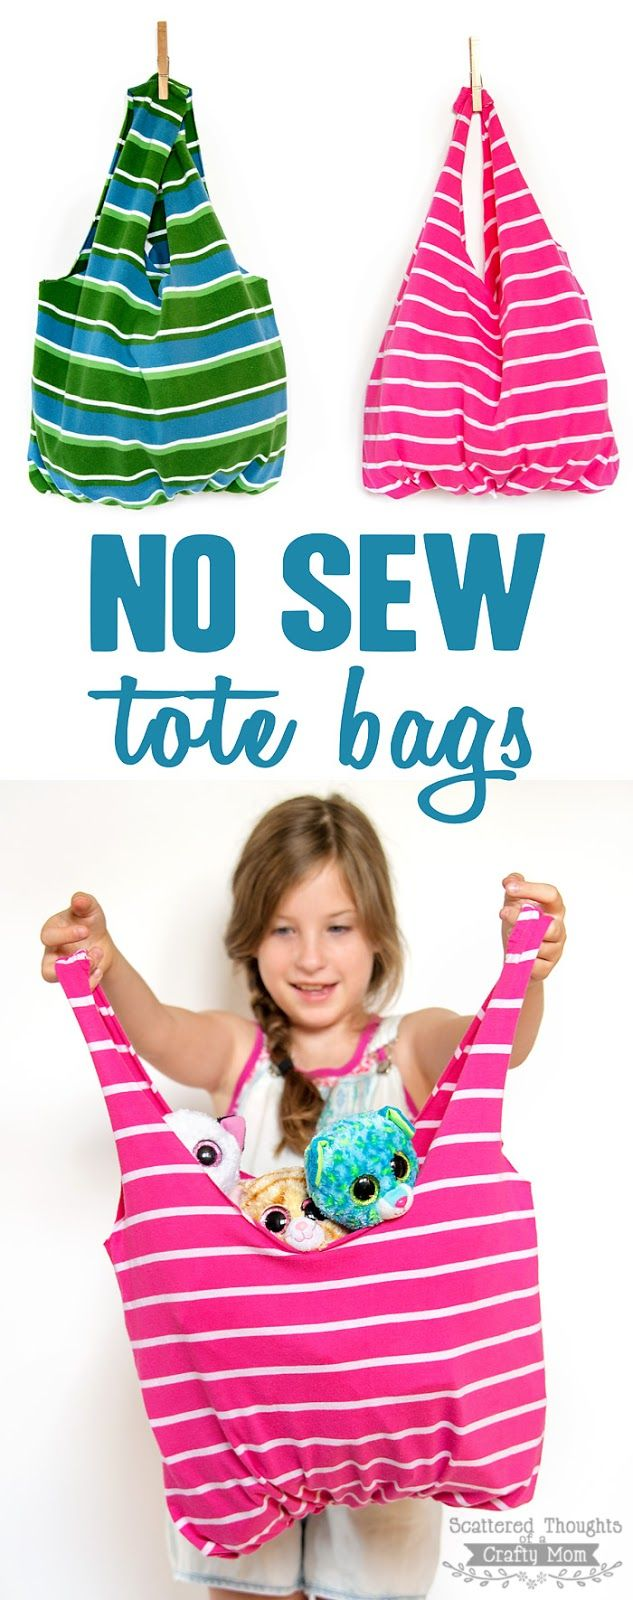 Apprenez à faire ces pas de sacs fourre-tout cousus.  Tout ce que vous avez besoin est un vieux T-shirt et une paire de ciseaux!  (Upcycling / recyclage à son meilleur!)